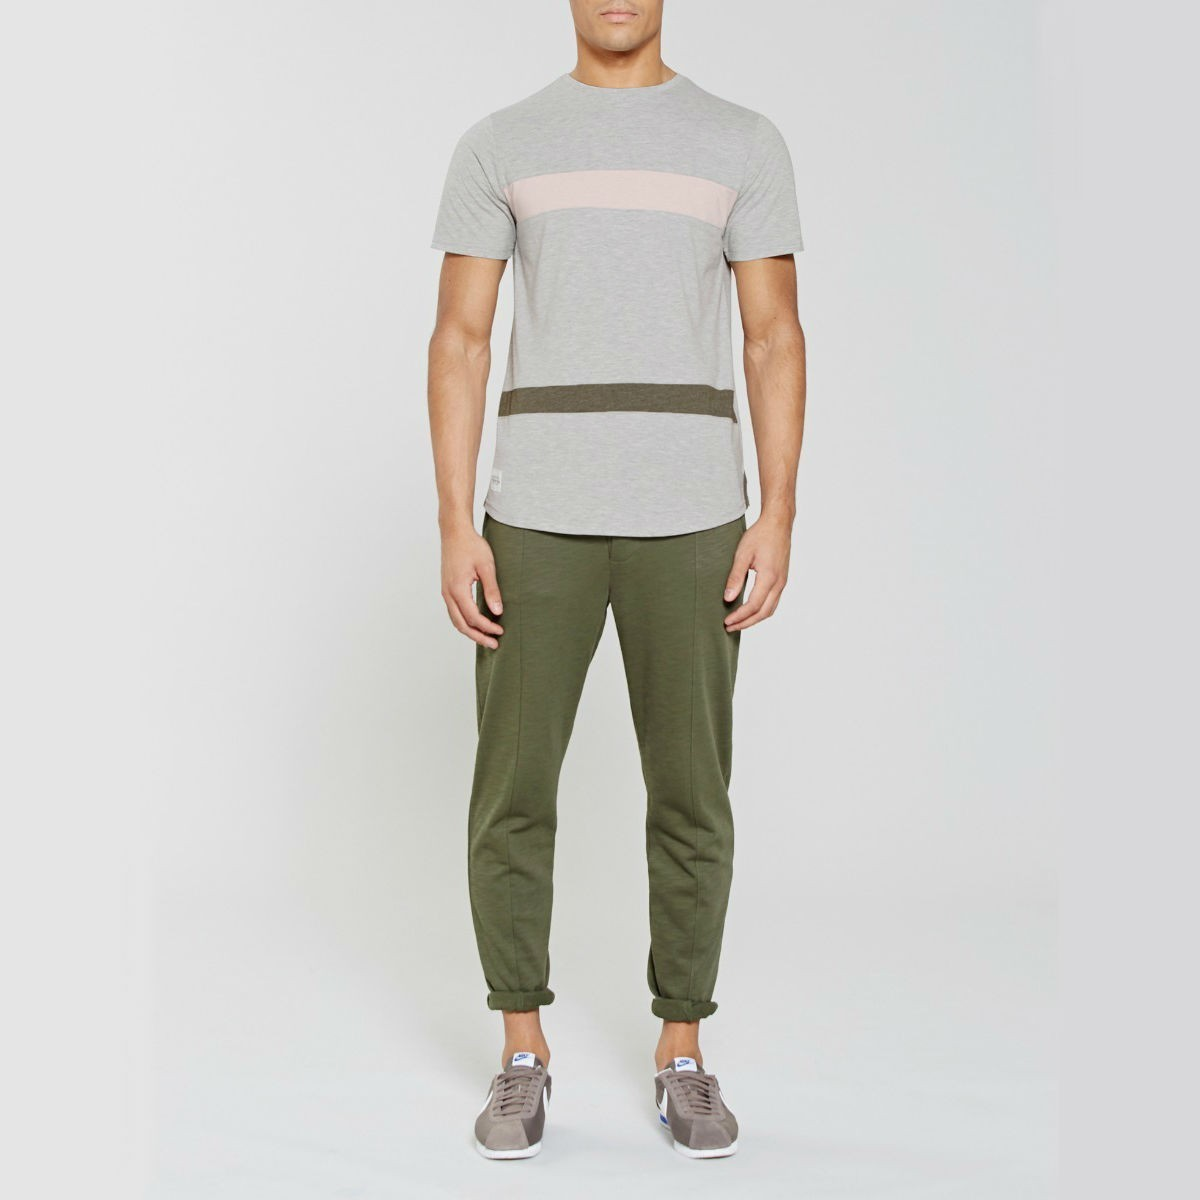 Šedé tričko – Fairoaks – M